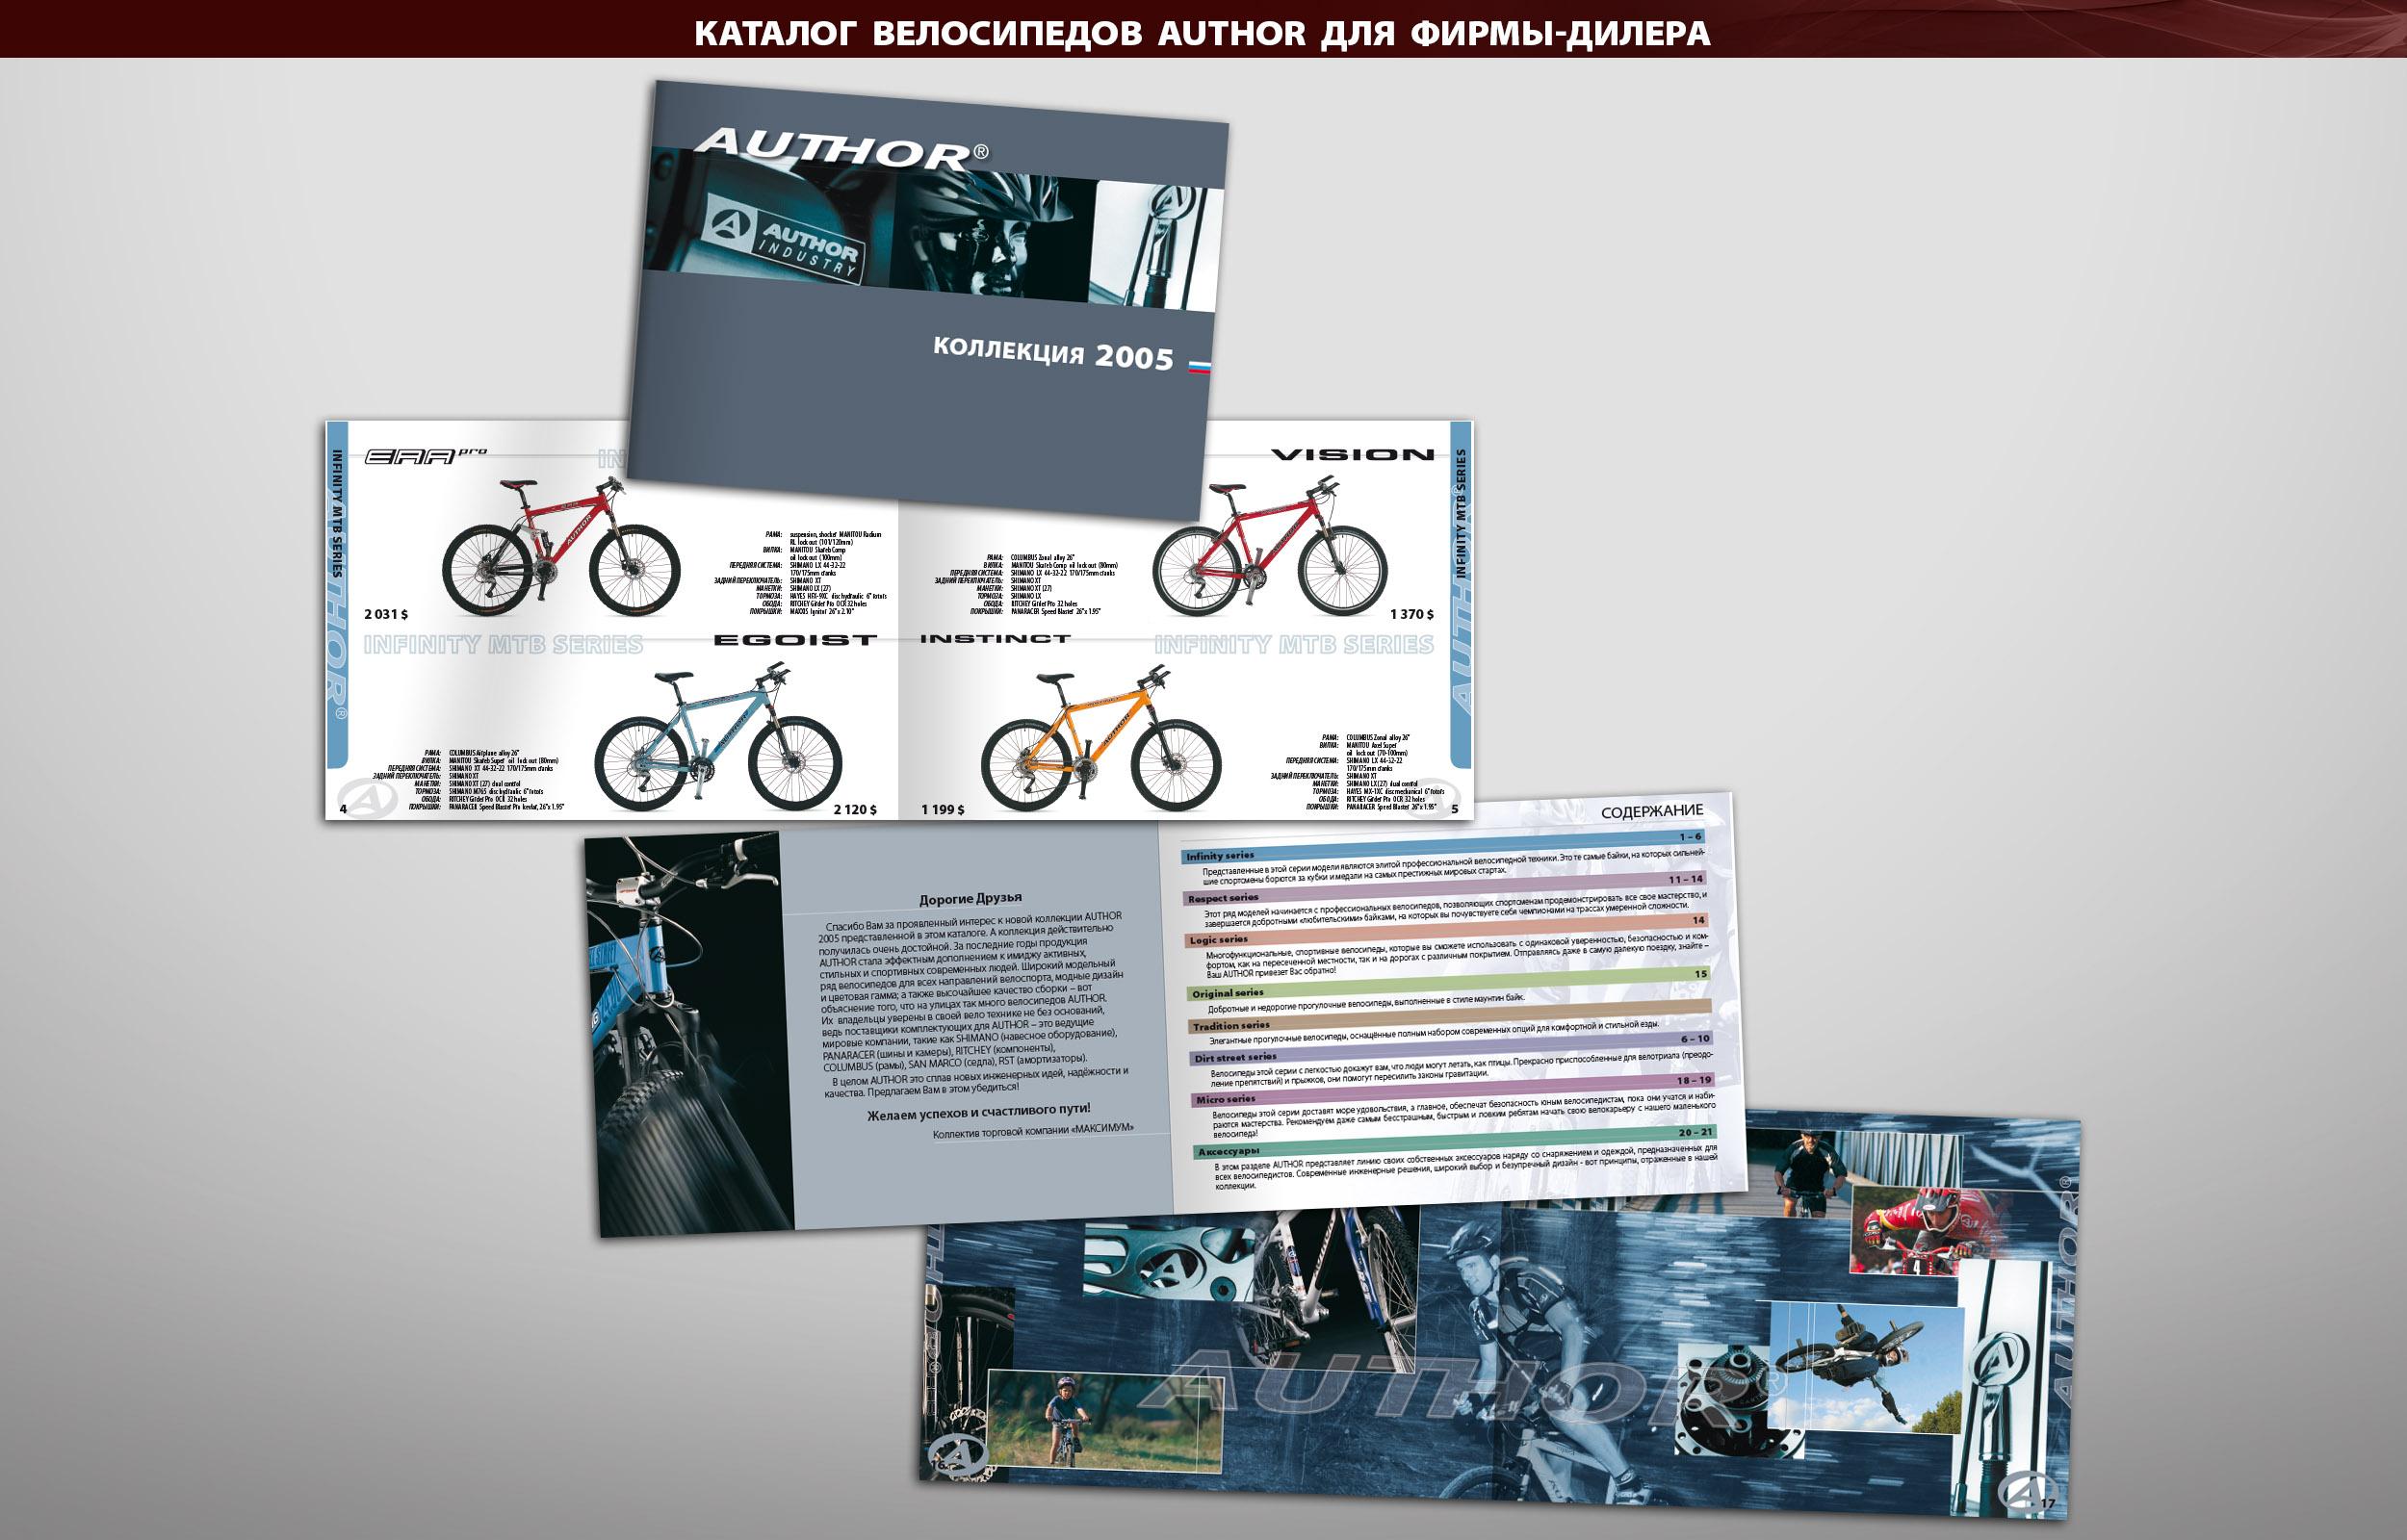 Каталог велосипедов AUTHOR для фирмы-дилера